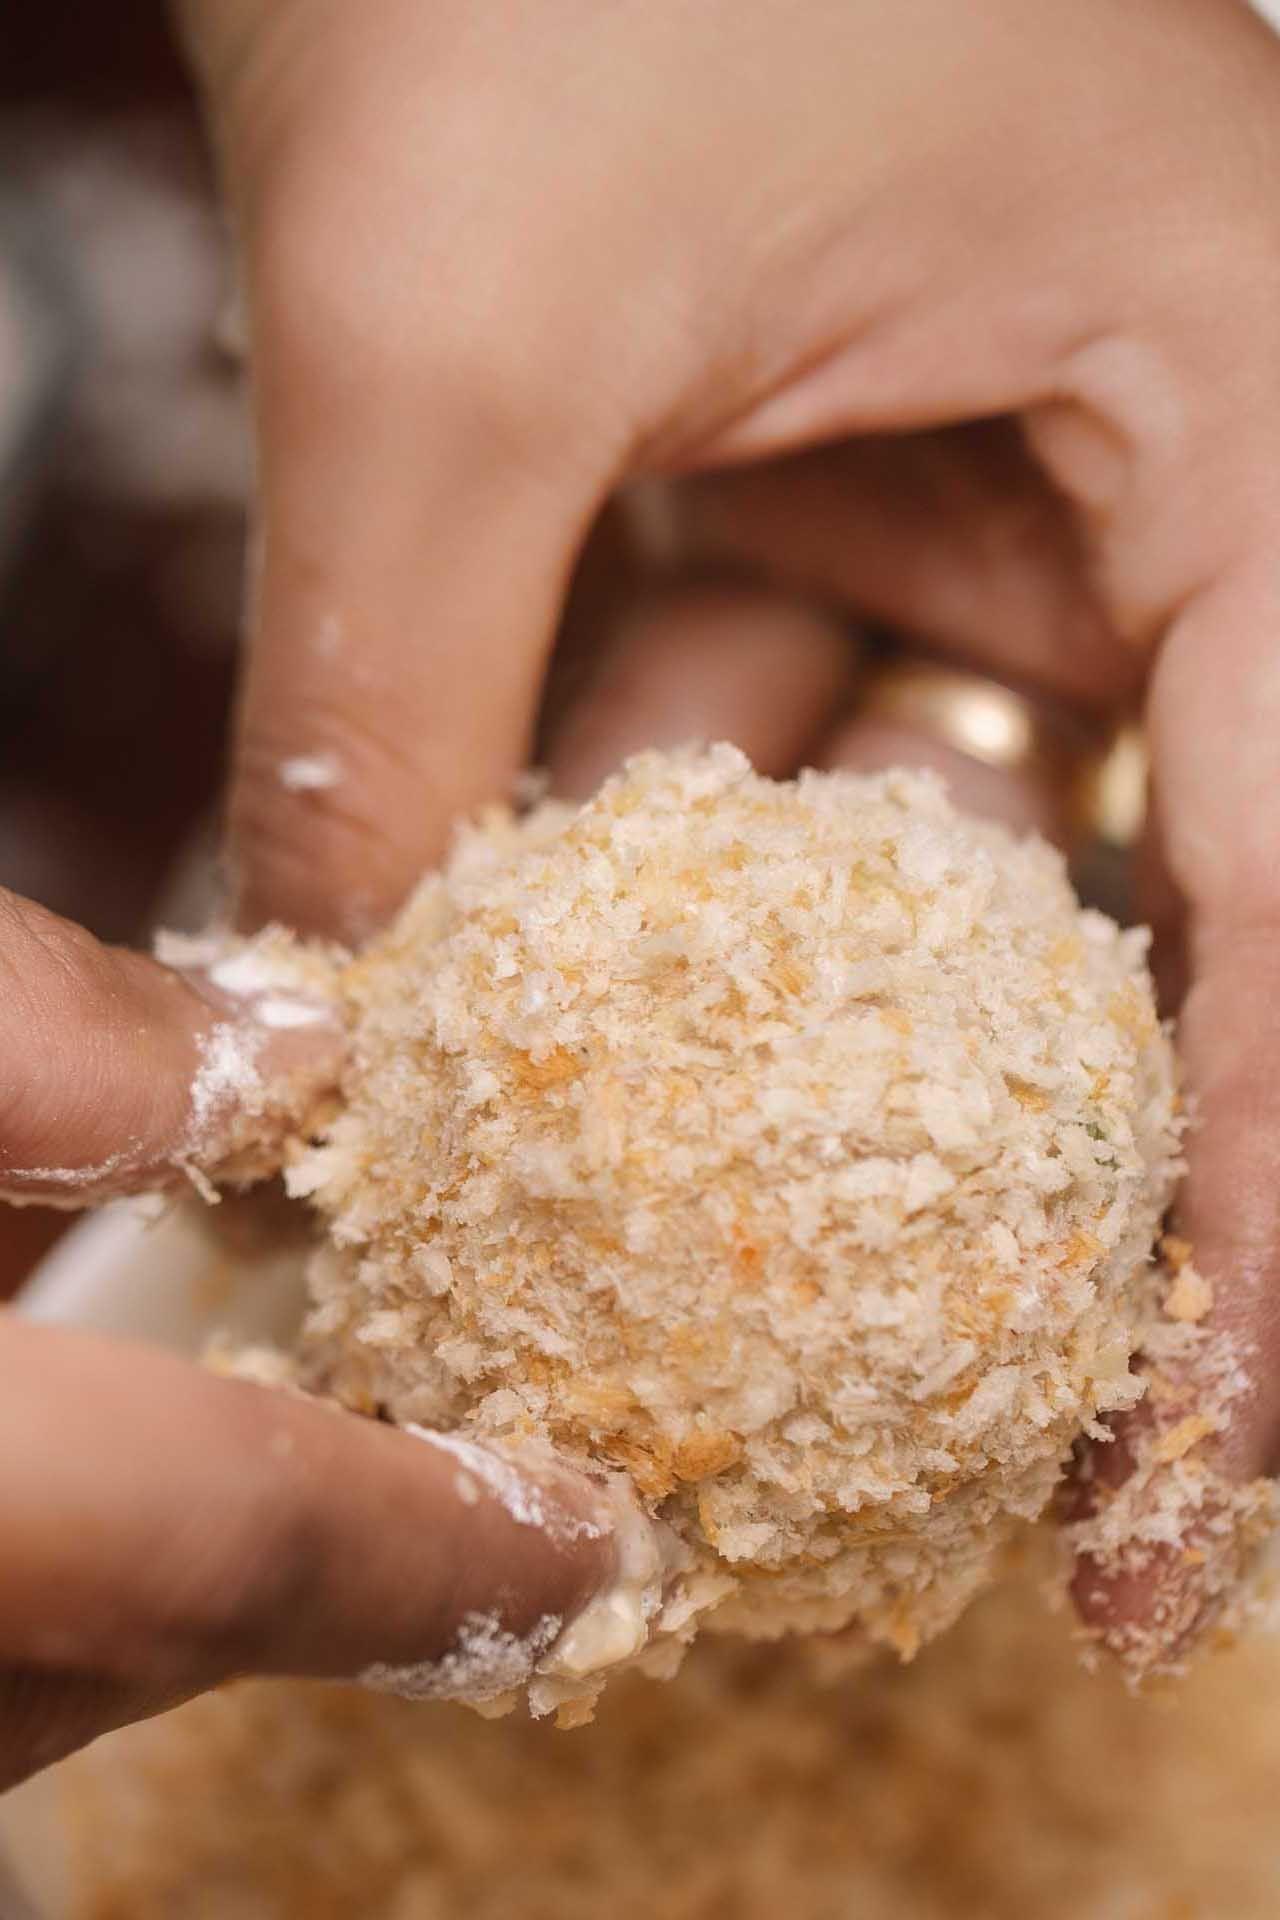 Risotto Rice Balls Recipe